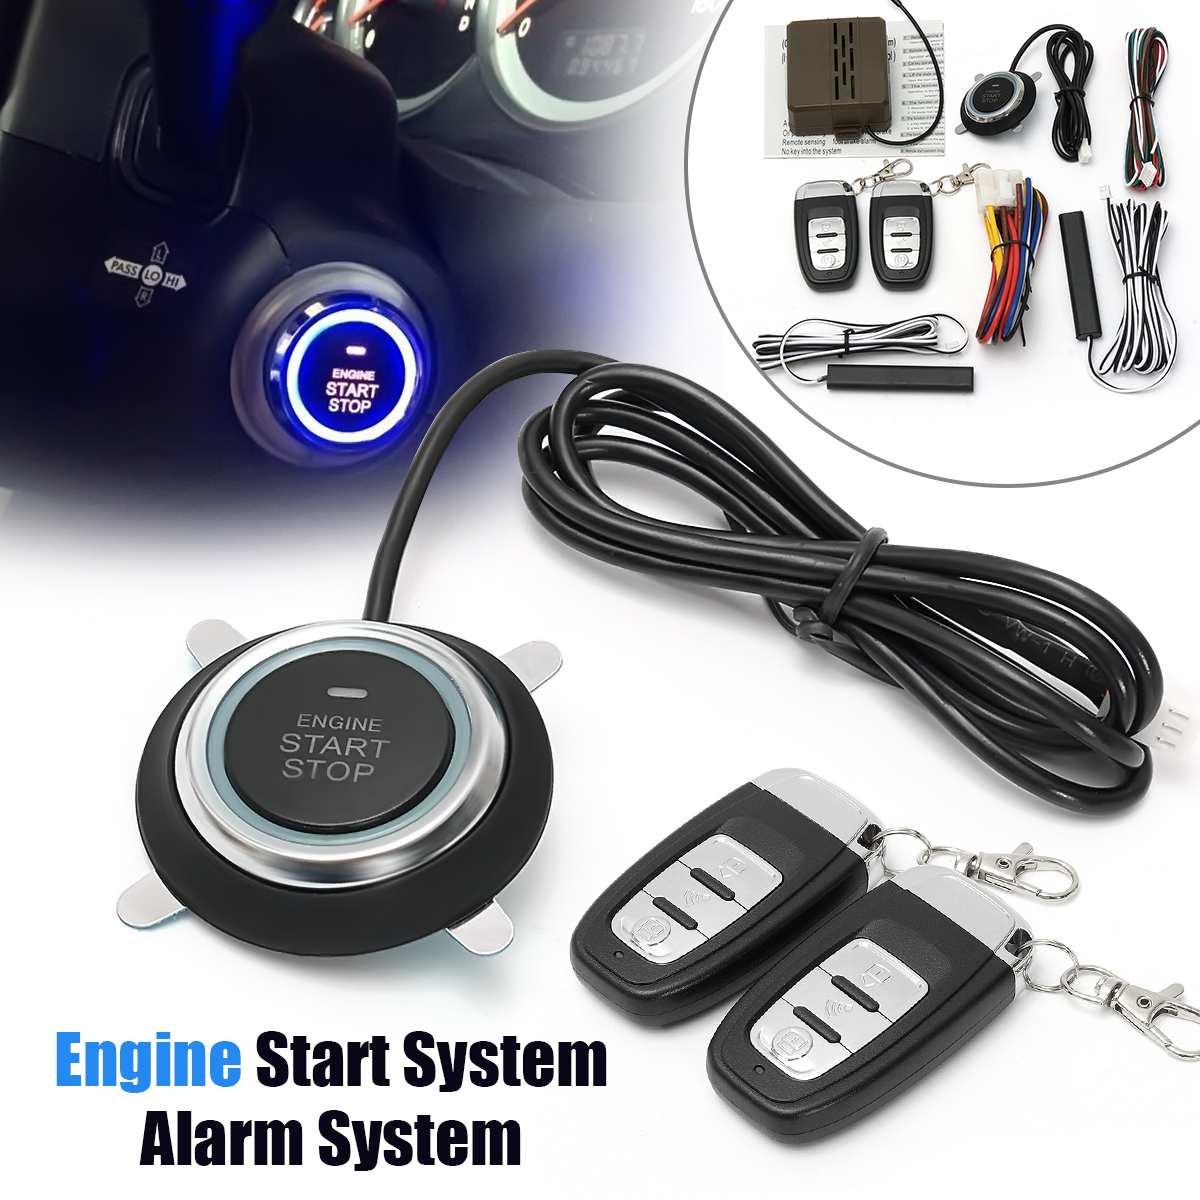 Audew Motor de coche parada de arranque SUV entrada sin llave motor inicio alarma sistema pulsador remoto Starter Stop Auto accesorios de coche